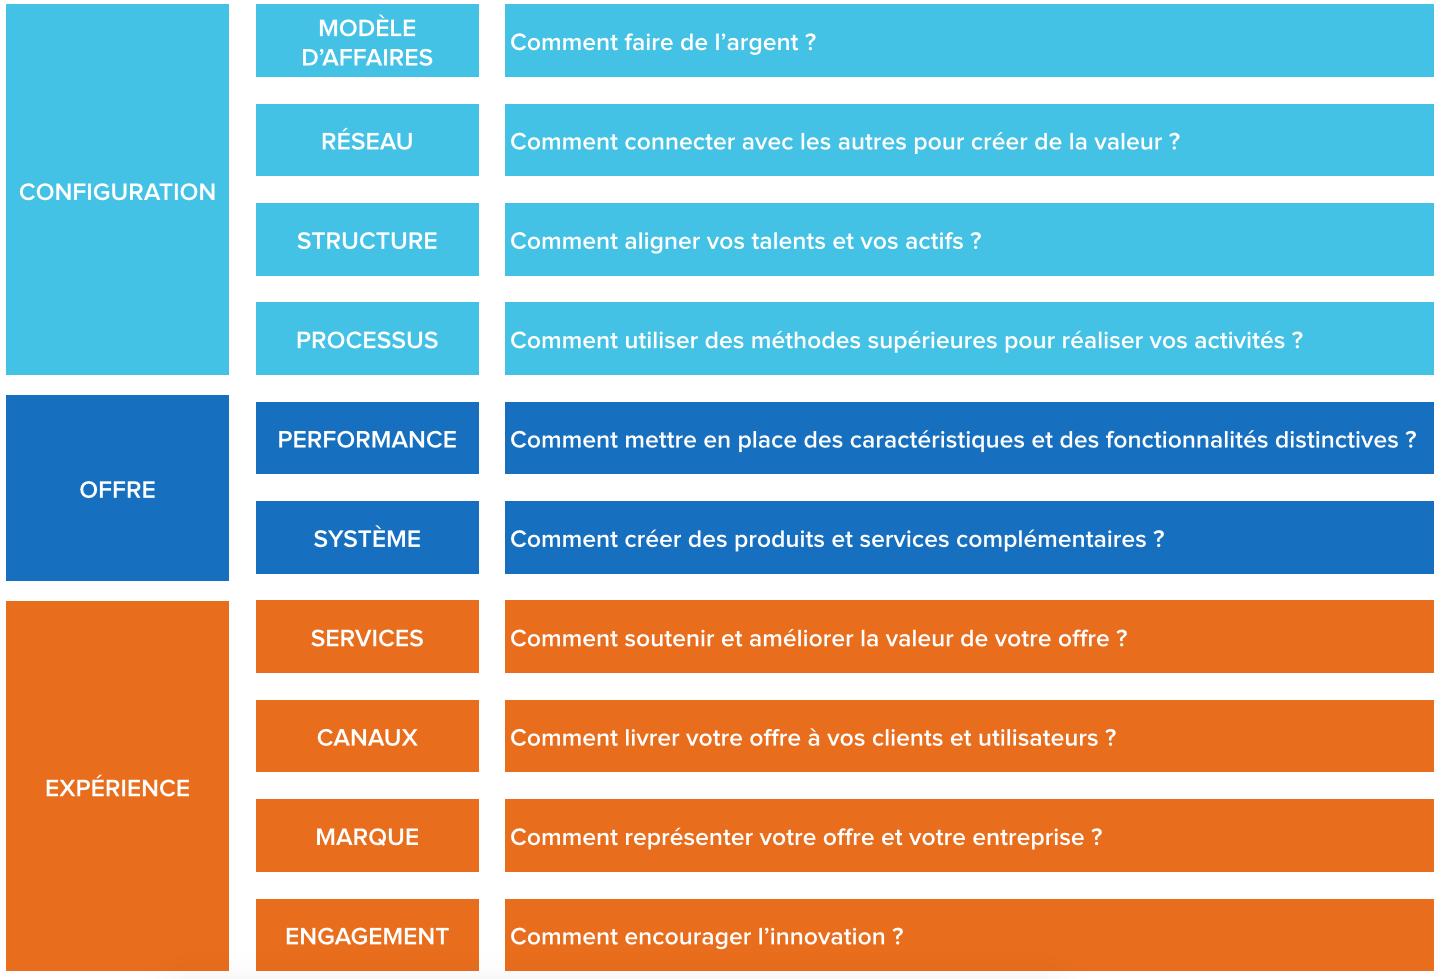 Les 10 Types D Innovation Faire De L Argent Comment Faire De L Argent Changements Positifs